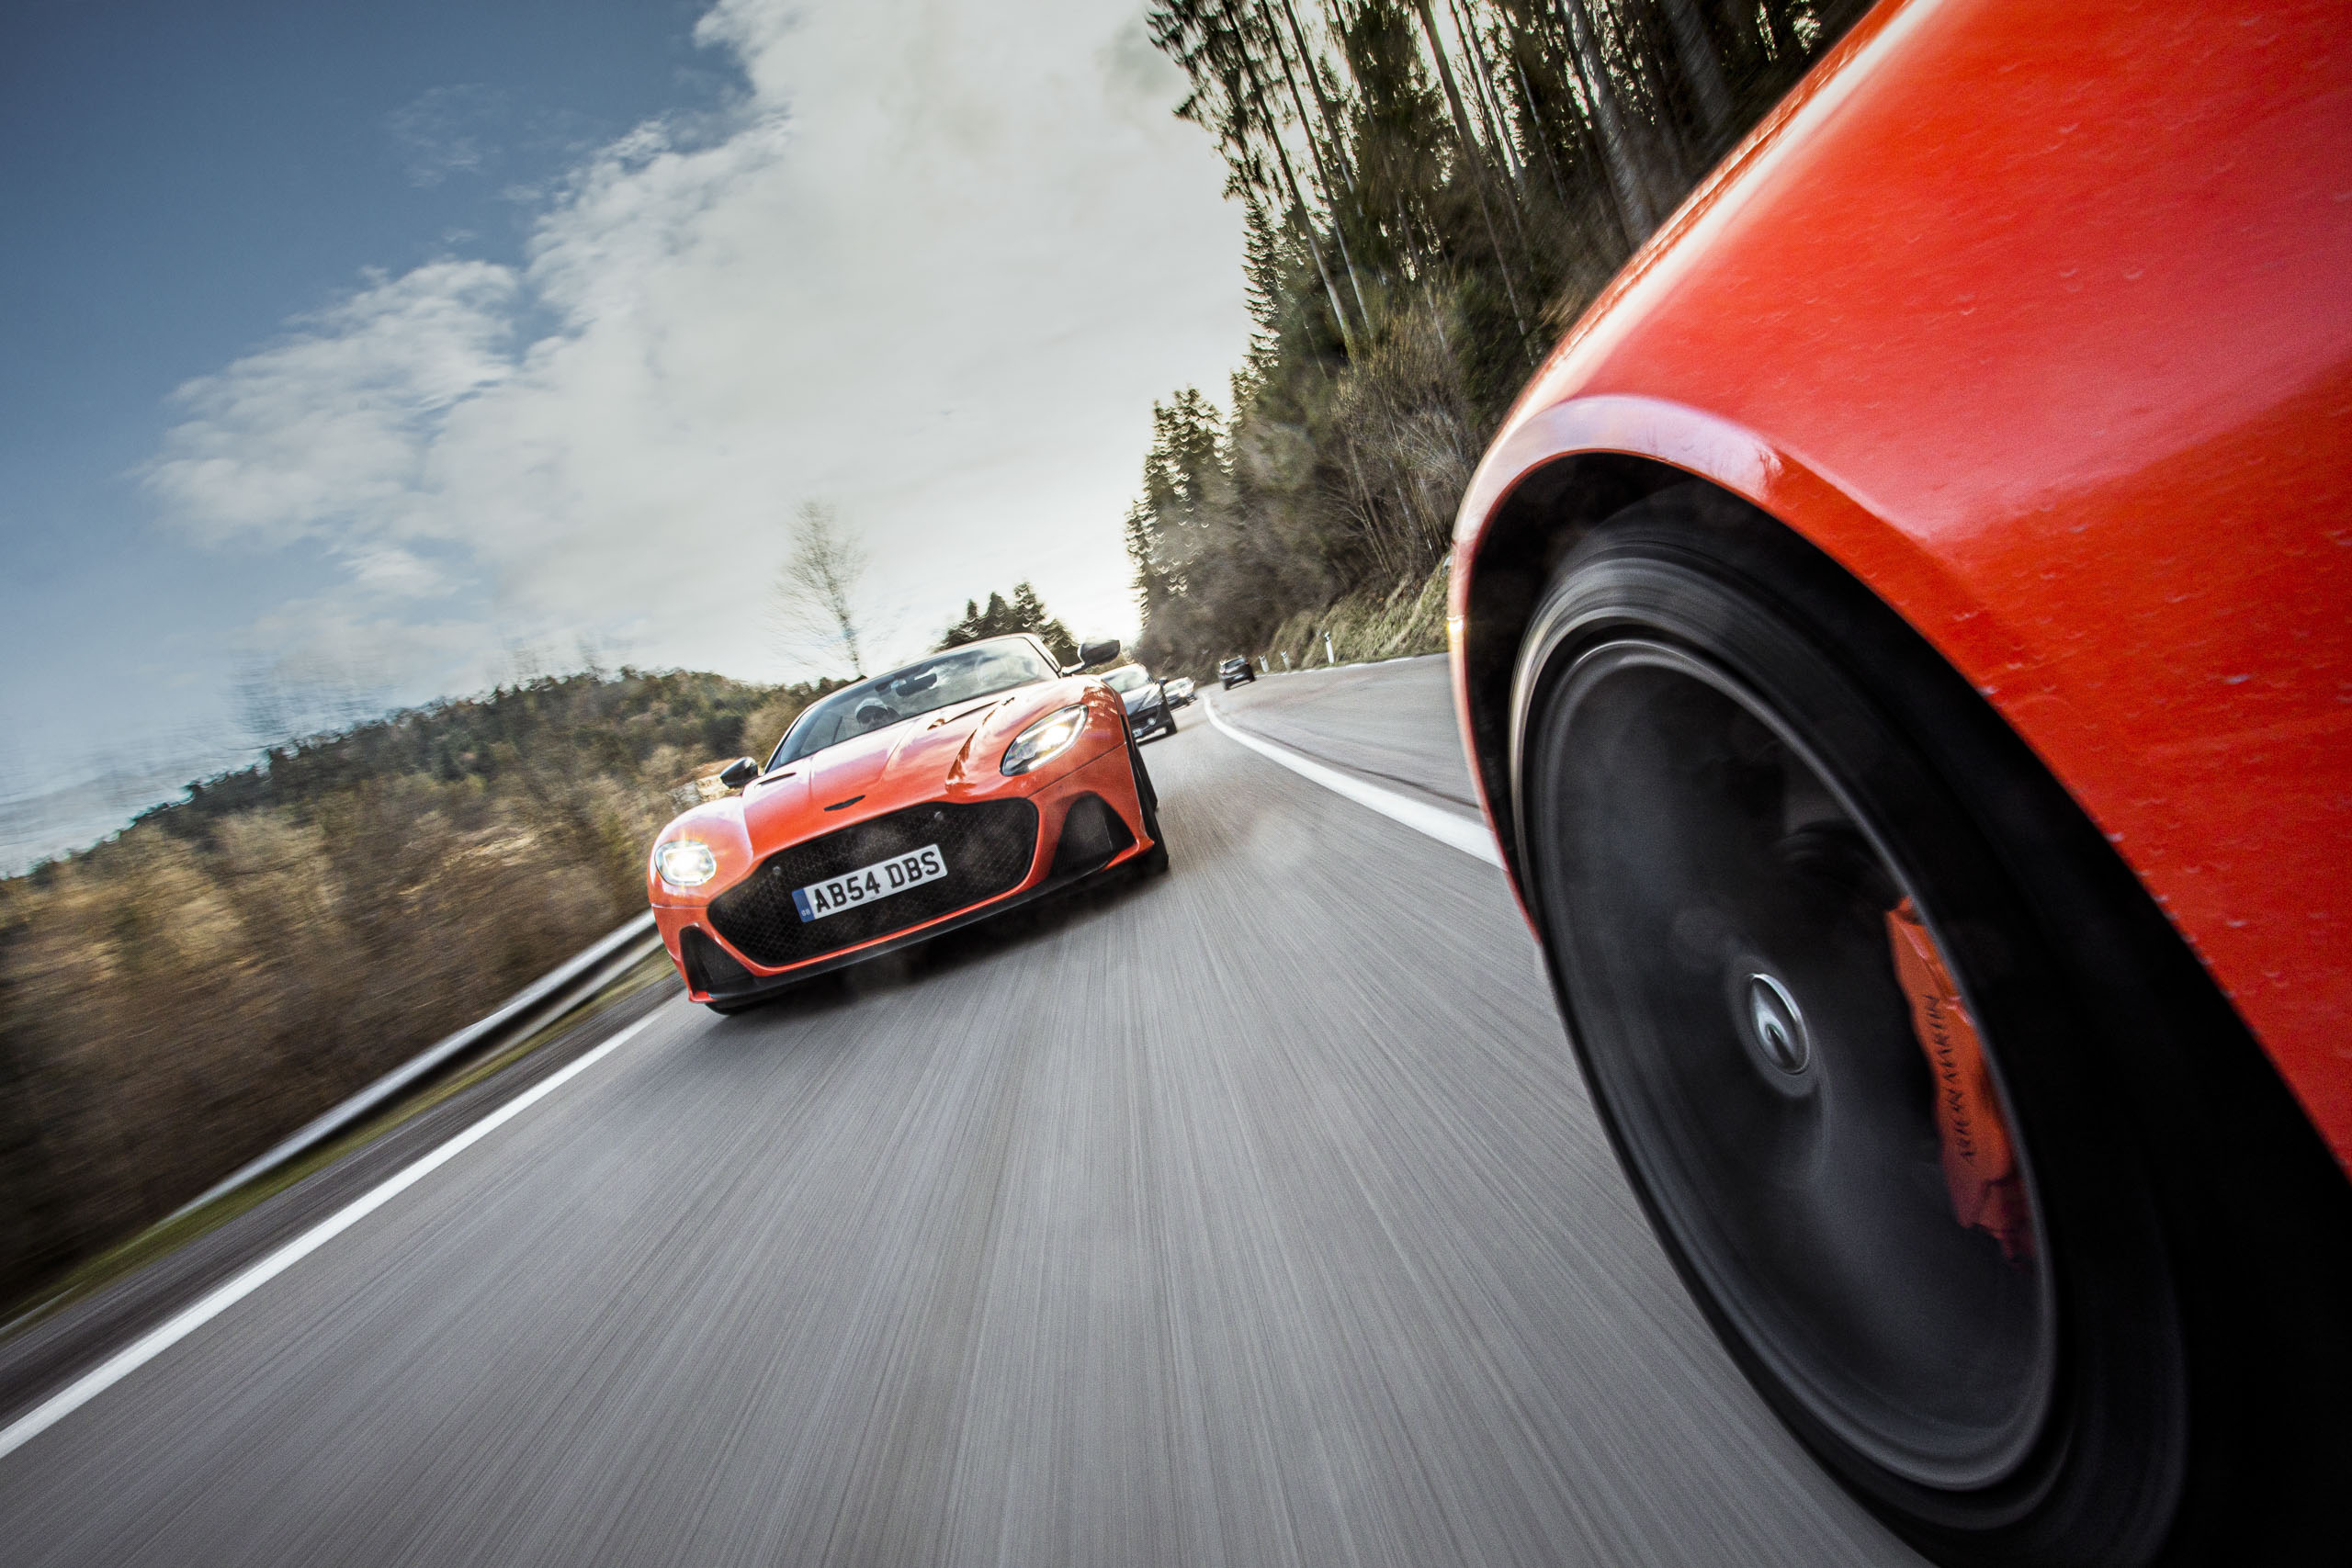 Roter Aston Martin Geneva auf der Straße